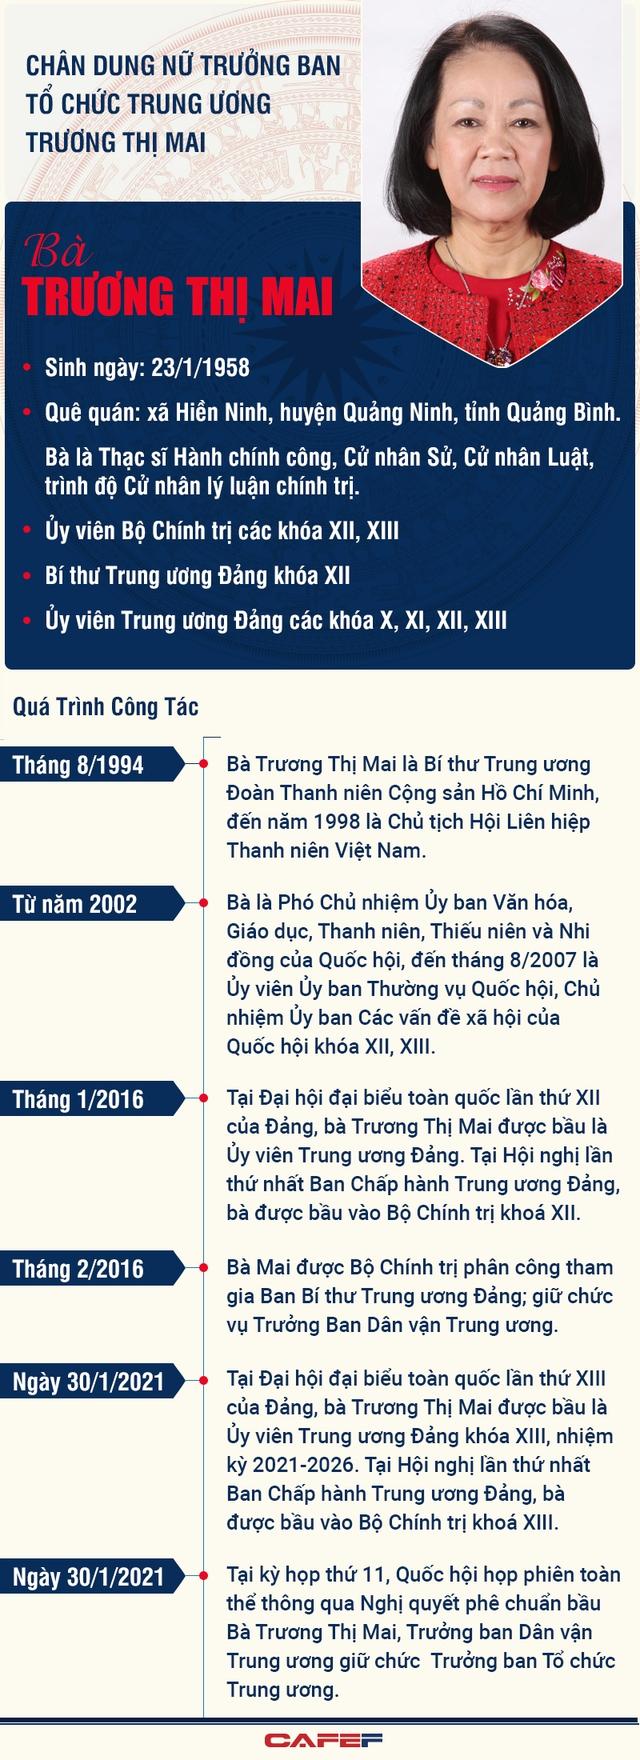 Chân dung Trưởng Ban Tổ chức Trung ương Trương Thị Mai - Ảnh 1.